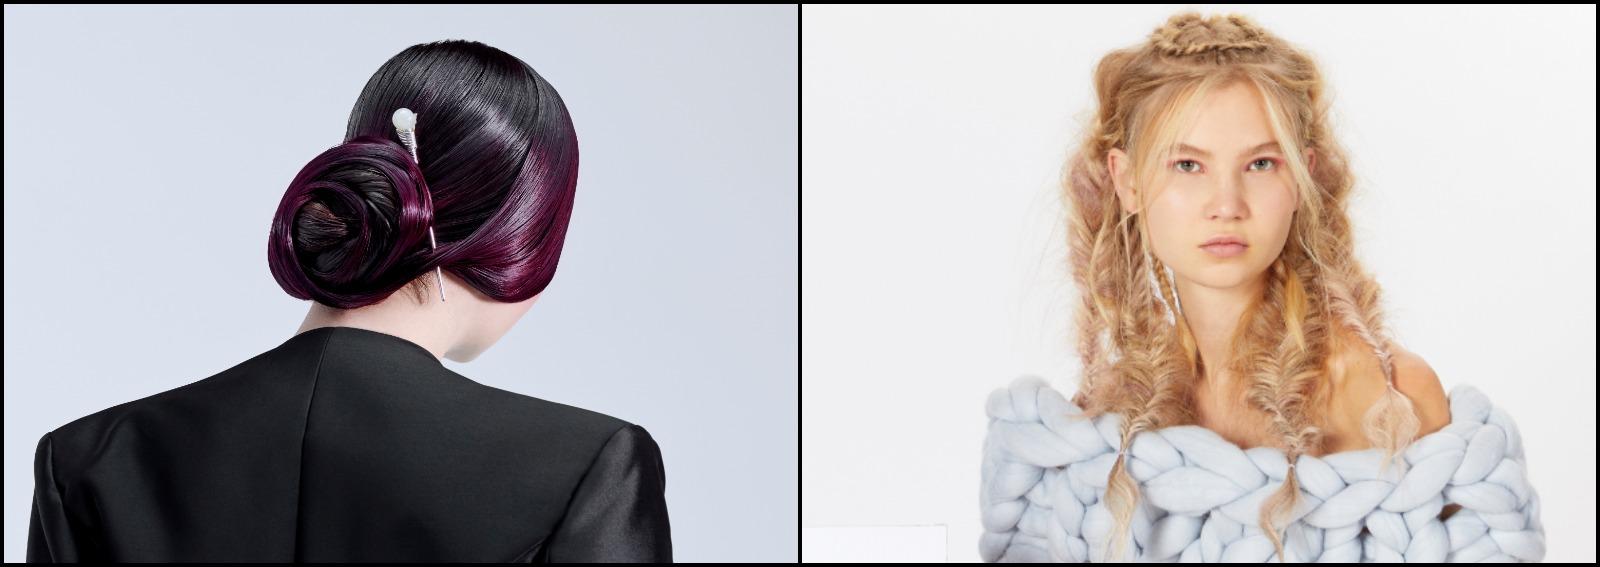 raccolti alternativi capelli idee da copiare cover desktop